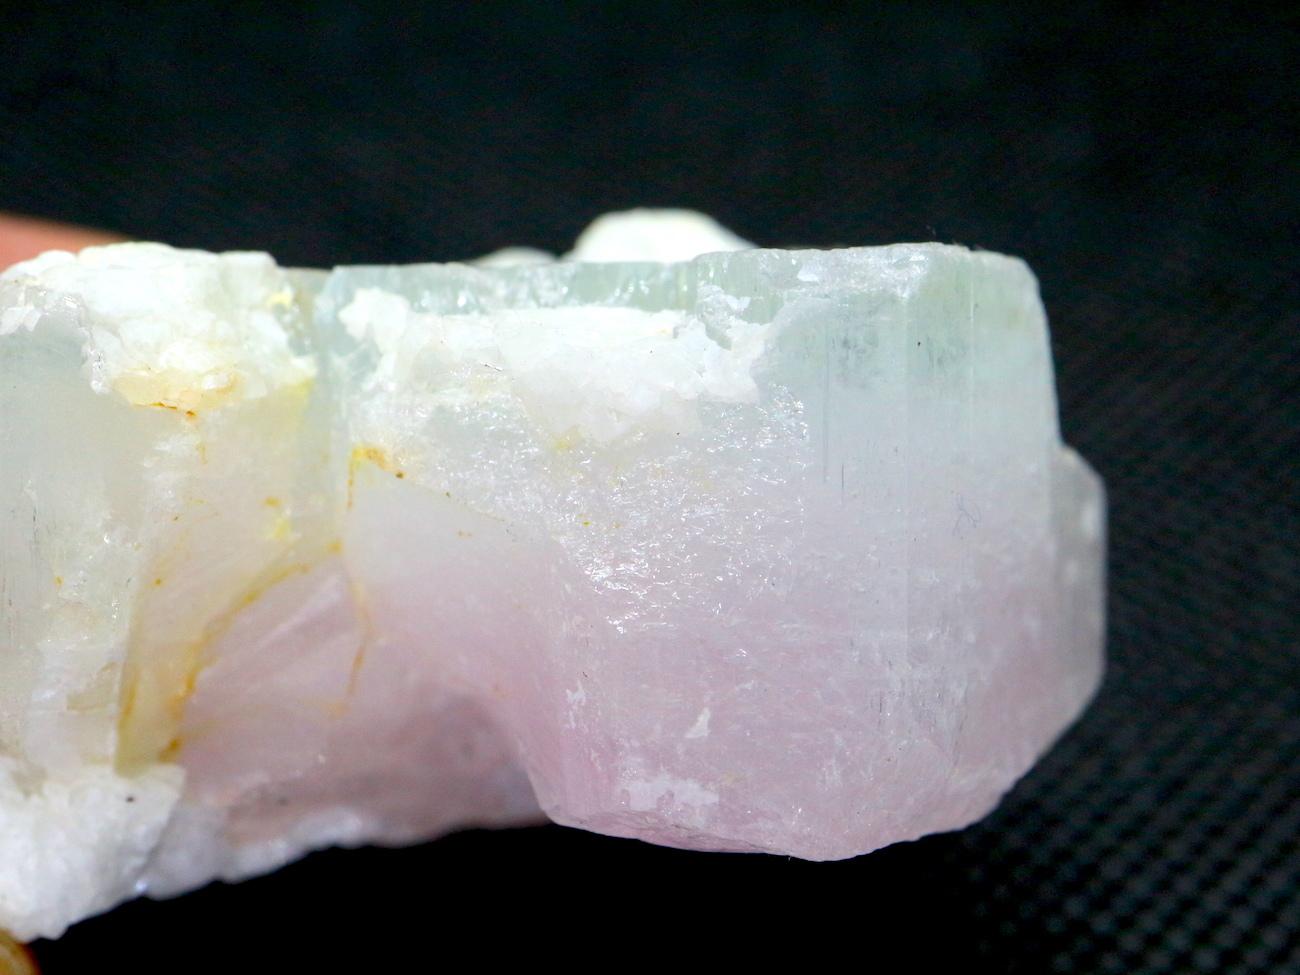 希少!ケース入り モルガナイト アクアマリン バイカラー 原石 天然 非加熱 モルガン石  AQ060